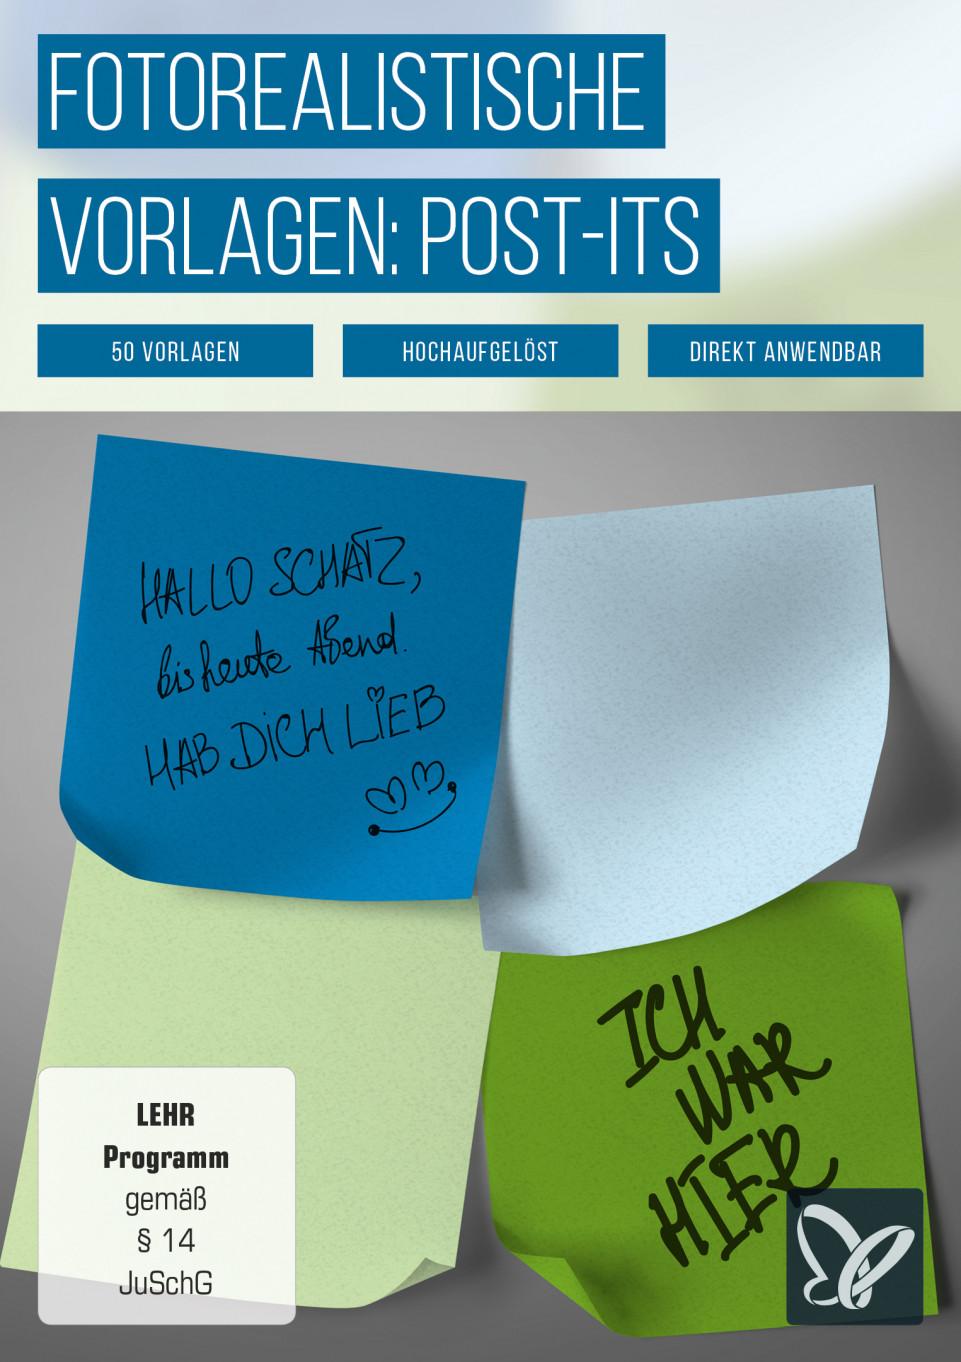 Post-it-Bilder – fotorealistische Vorlagen von Klebezetteln/Notizzetteln